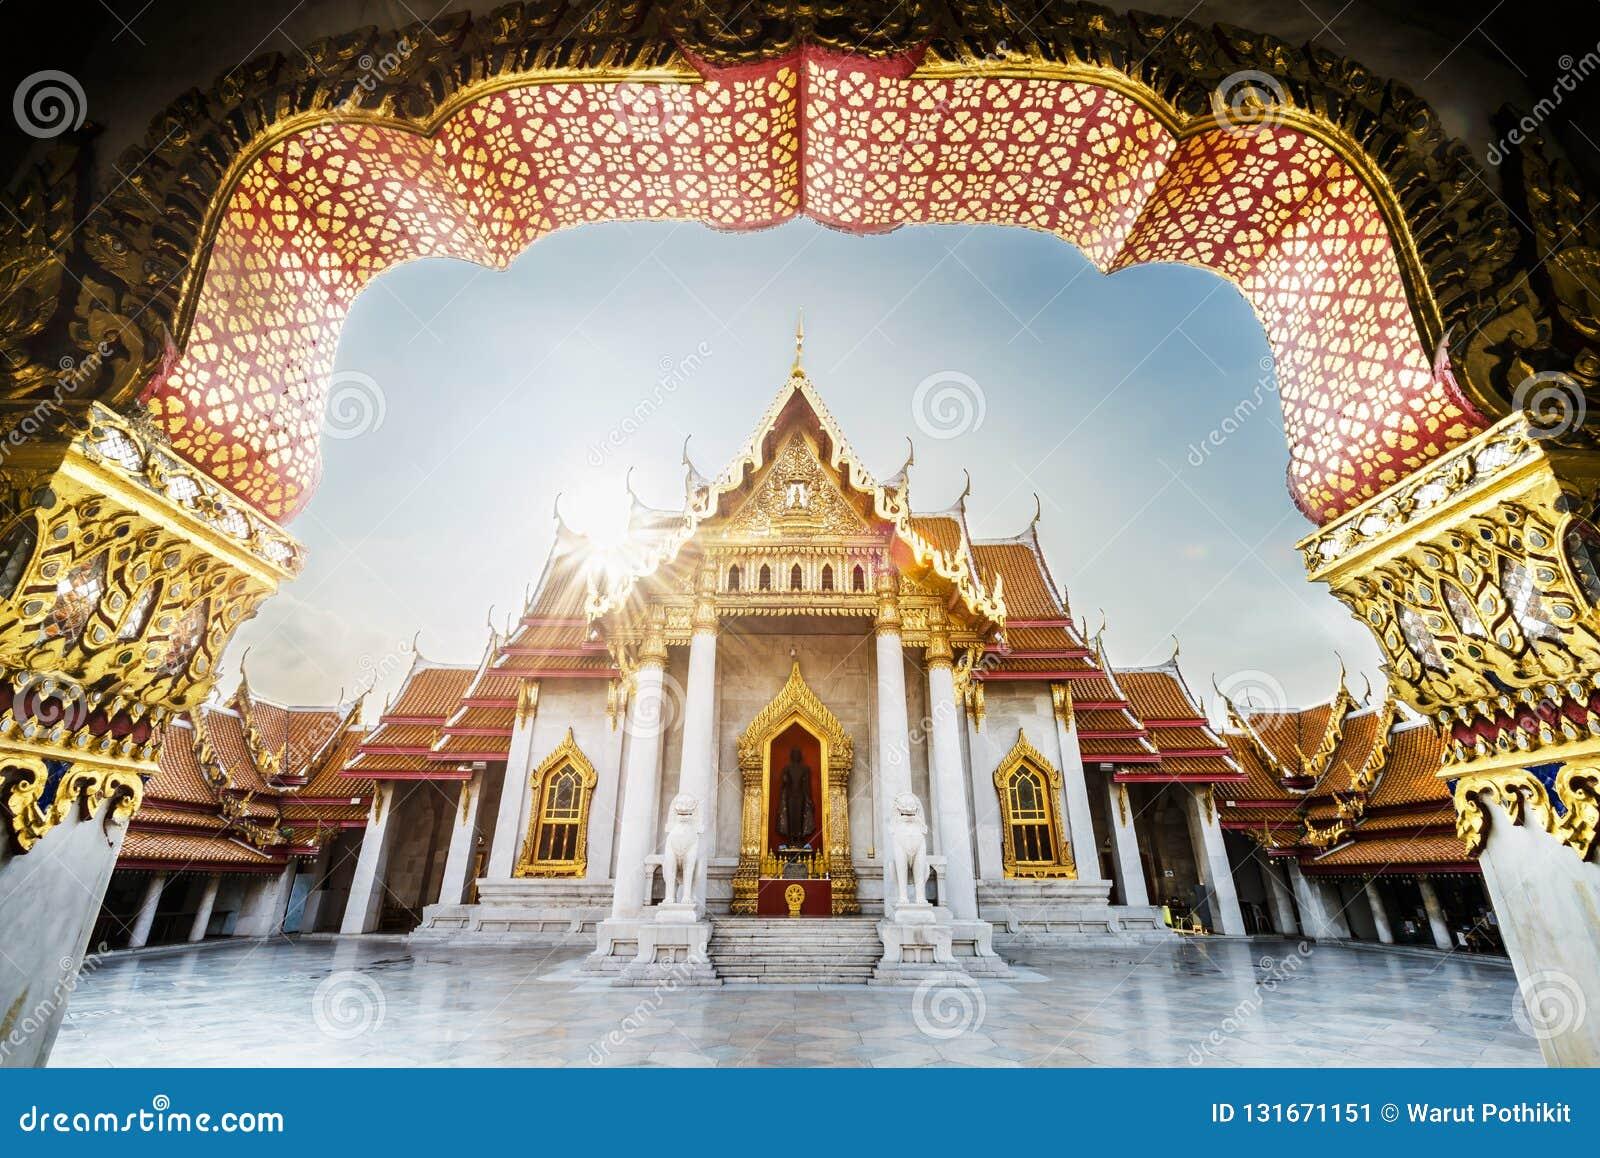 Tailândia despercebida, nascer do sol em Wat Benchamabophit Dusitvanaram, templo de mármore real antigo de buddha, o lugar públic